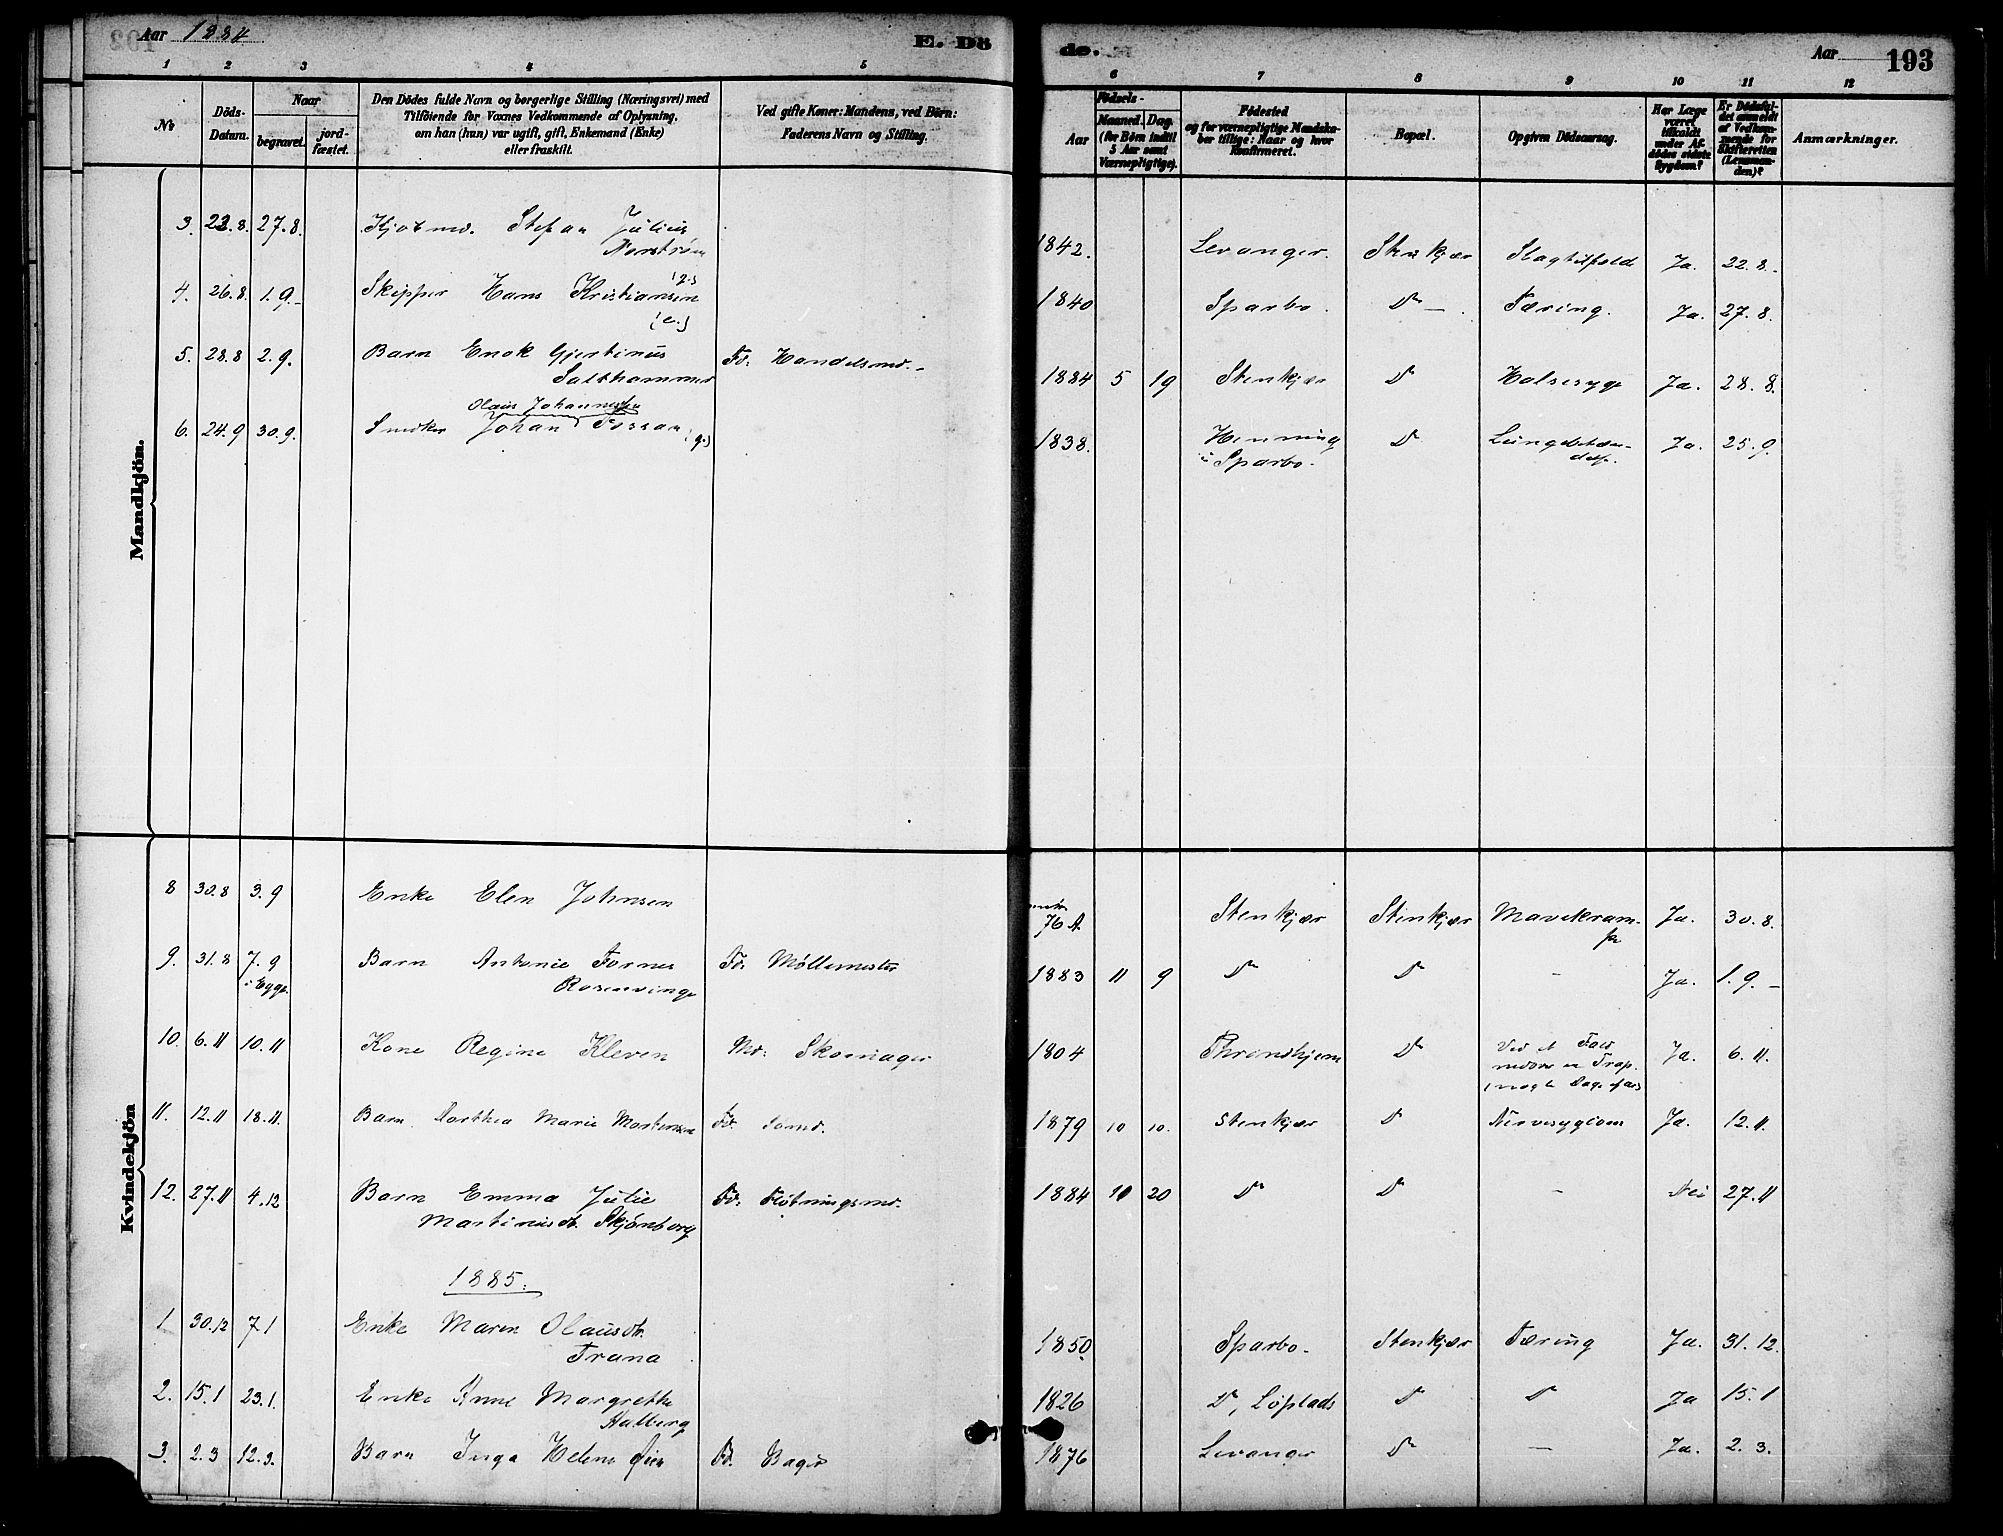 SAT, Ministerialprotokoller, klokkerbøker og fødselsregistre - Nord-Trøndelag, 739/L0371: Ministerialbok nr. 739A03, 1881-1895, s. 193